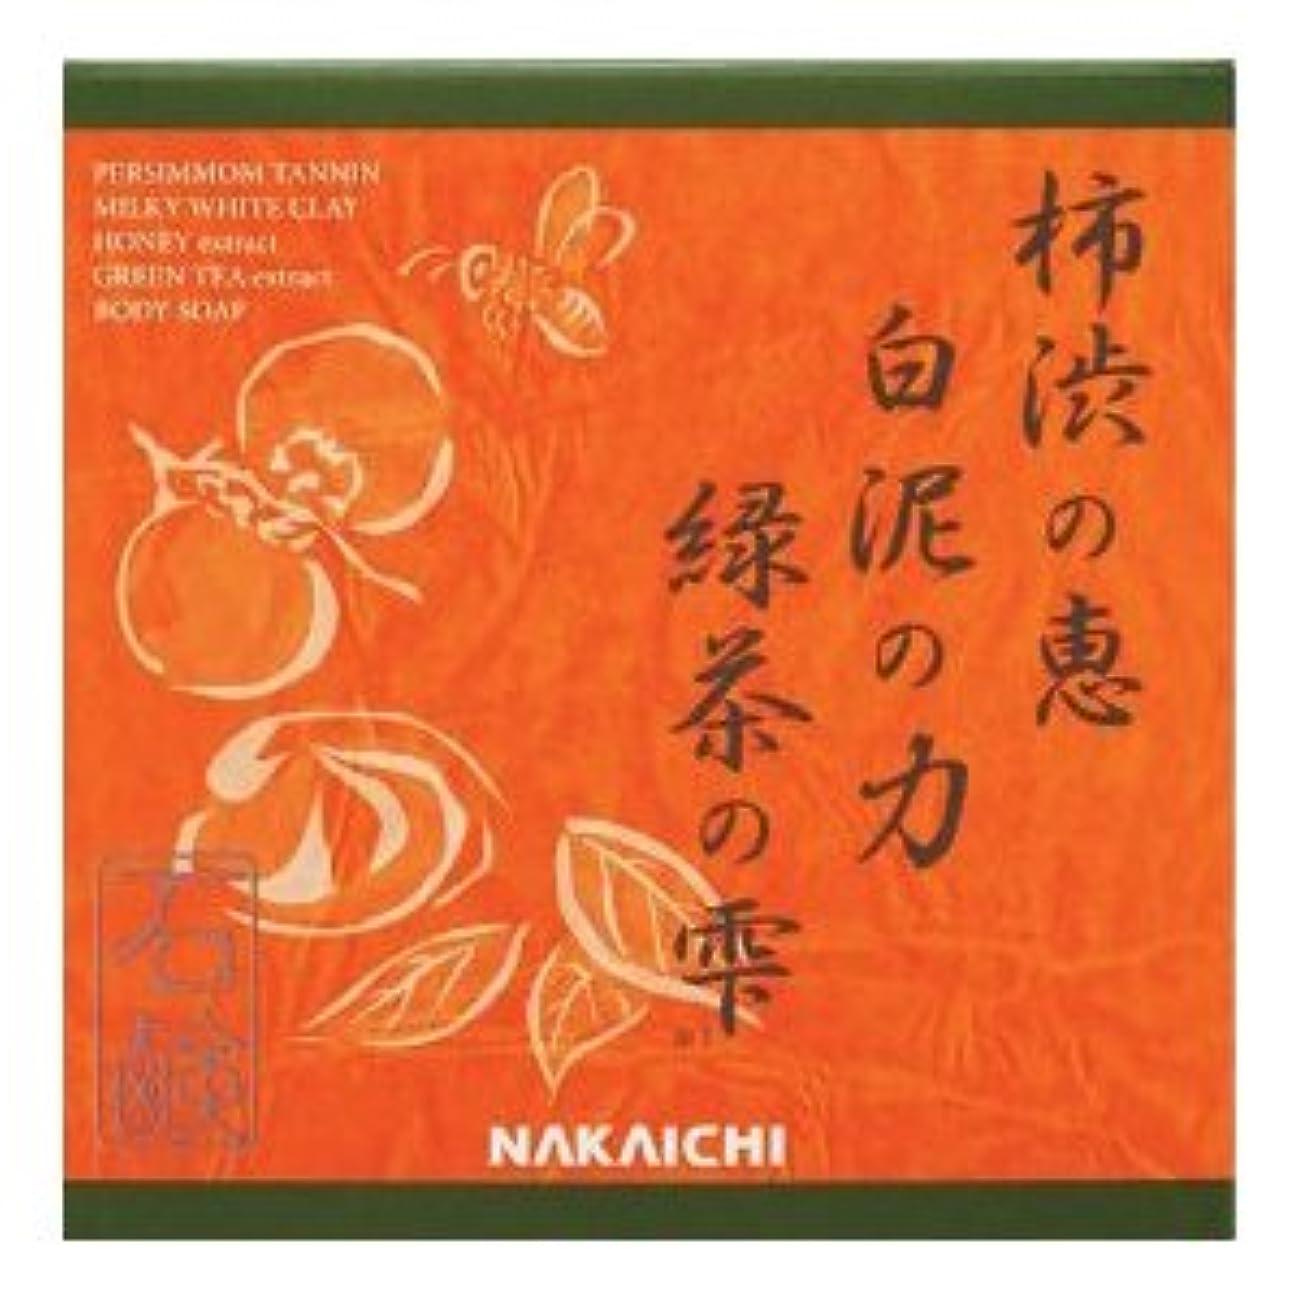 活性化する魔術師頭蓋骨柿渋の恵み?白泥の力?緑茶の雫  Nakaichi クリアボディーソープ  100g  (化粧品)